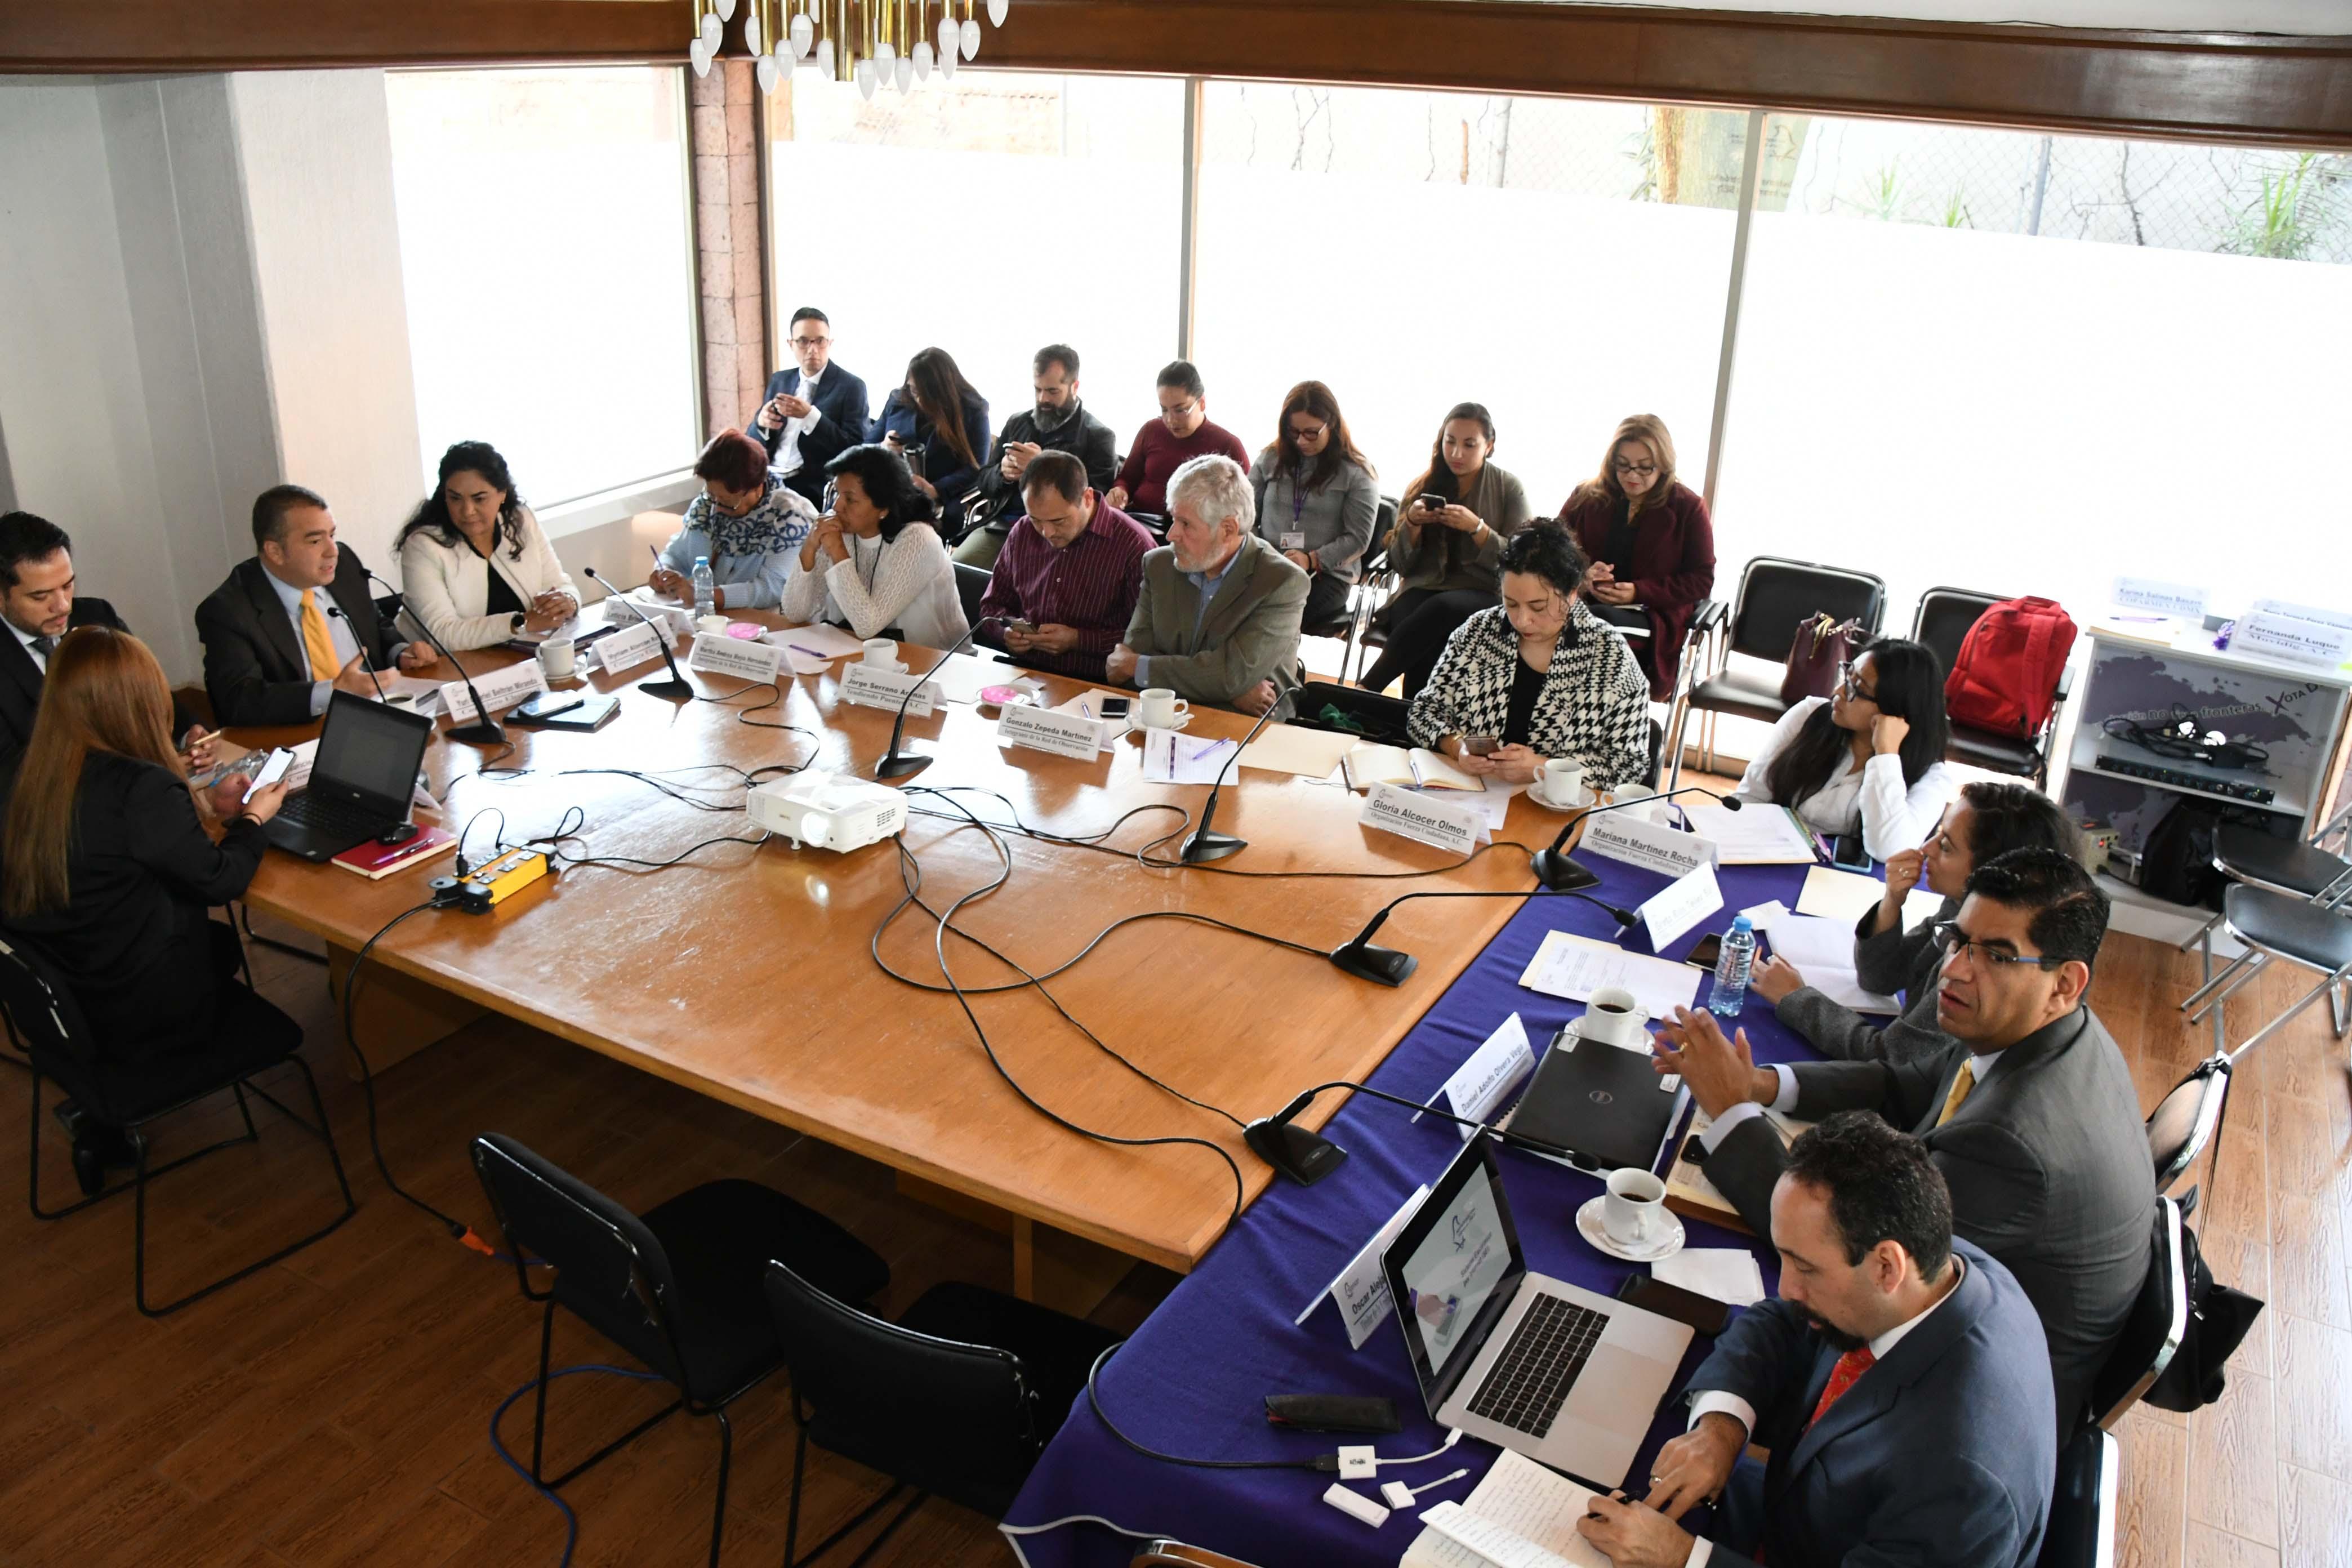 Presenta IECM funcionamiento del Sistema de Votación Electrónica a integrantes de la Red de Observación Electoral